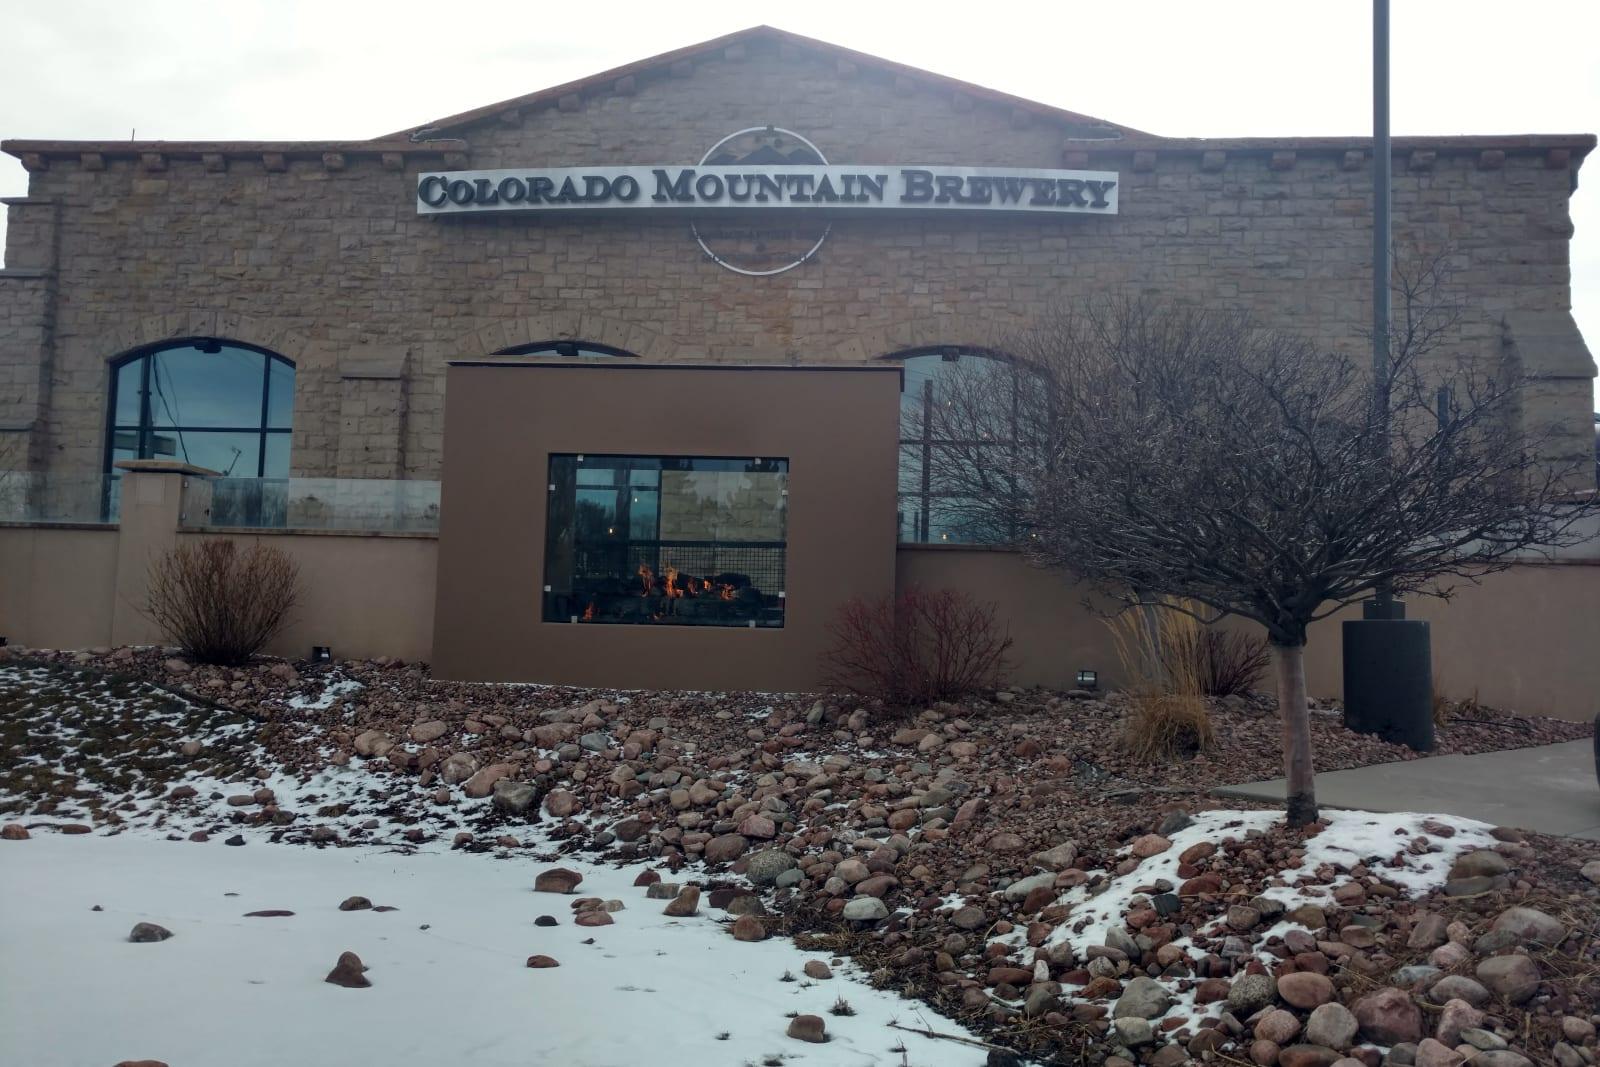 Pabrik Bir Colorado Mountain Colorado Springs